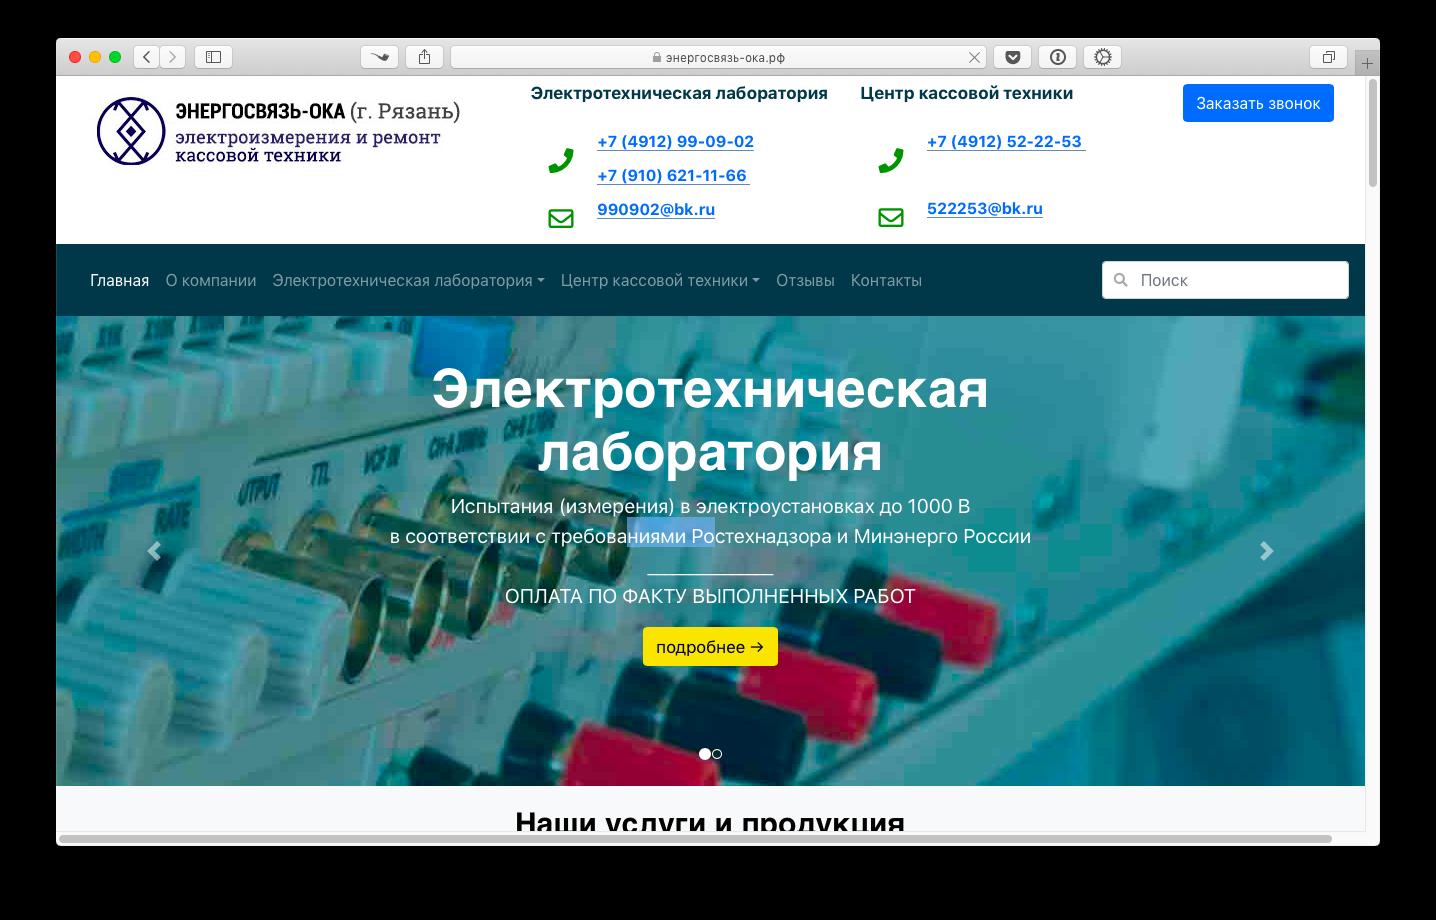 Сайт ЭНЕРГОСВЯЗЬ-ОКА (г. Рязань)